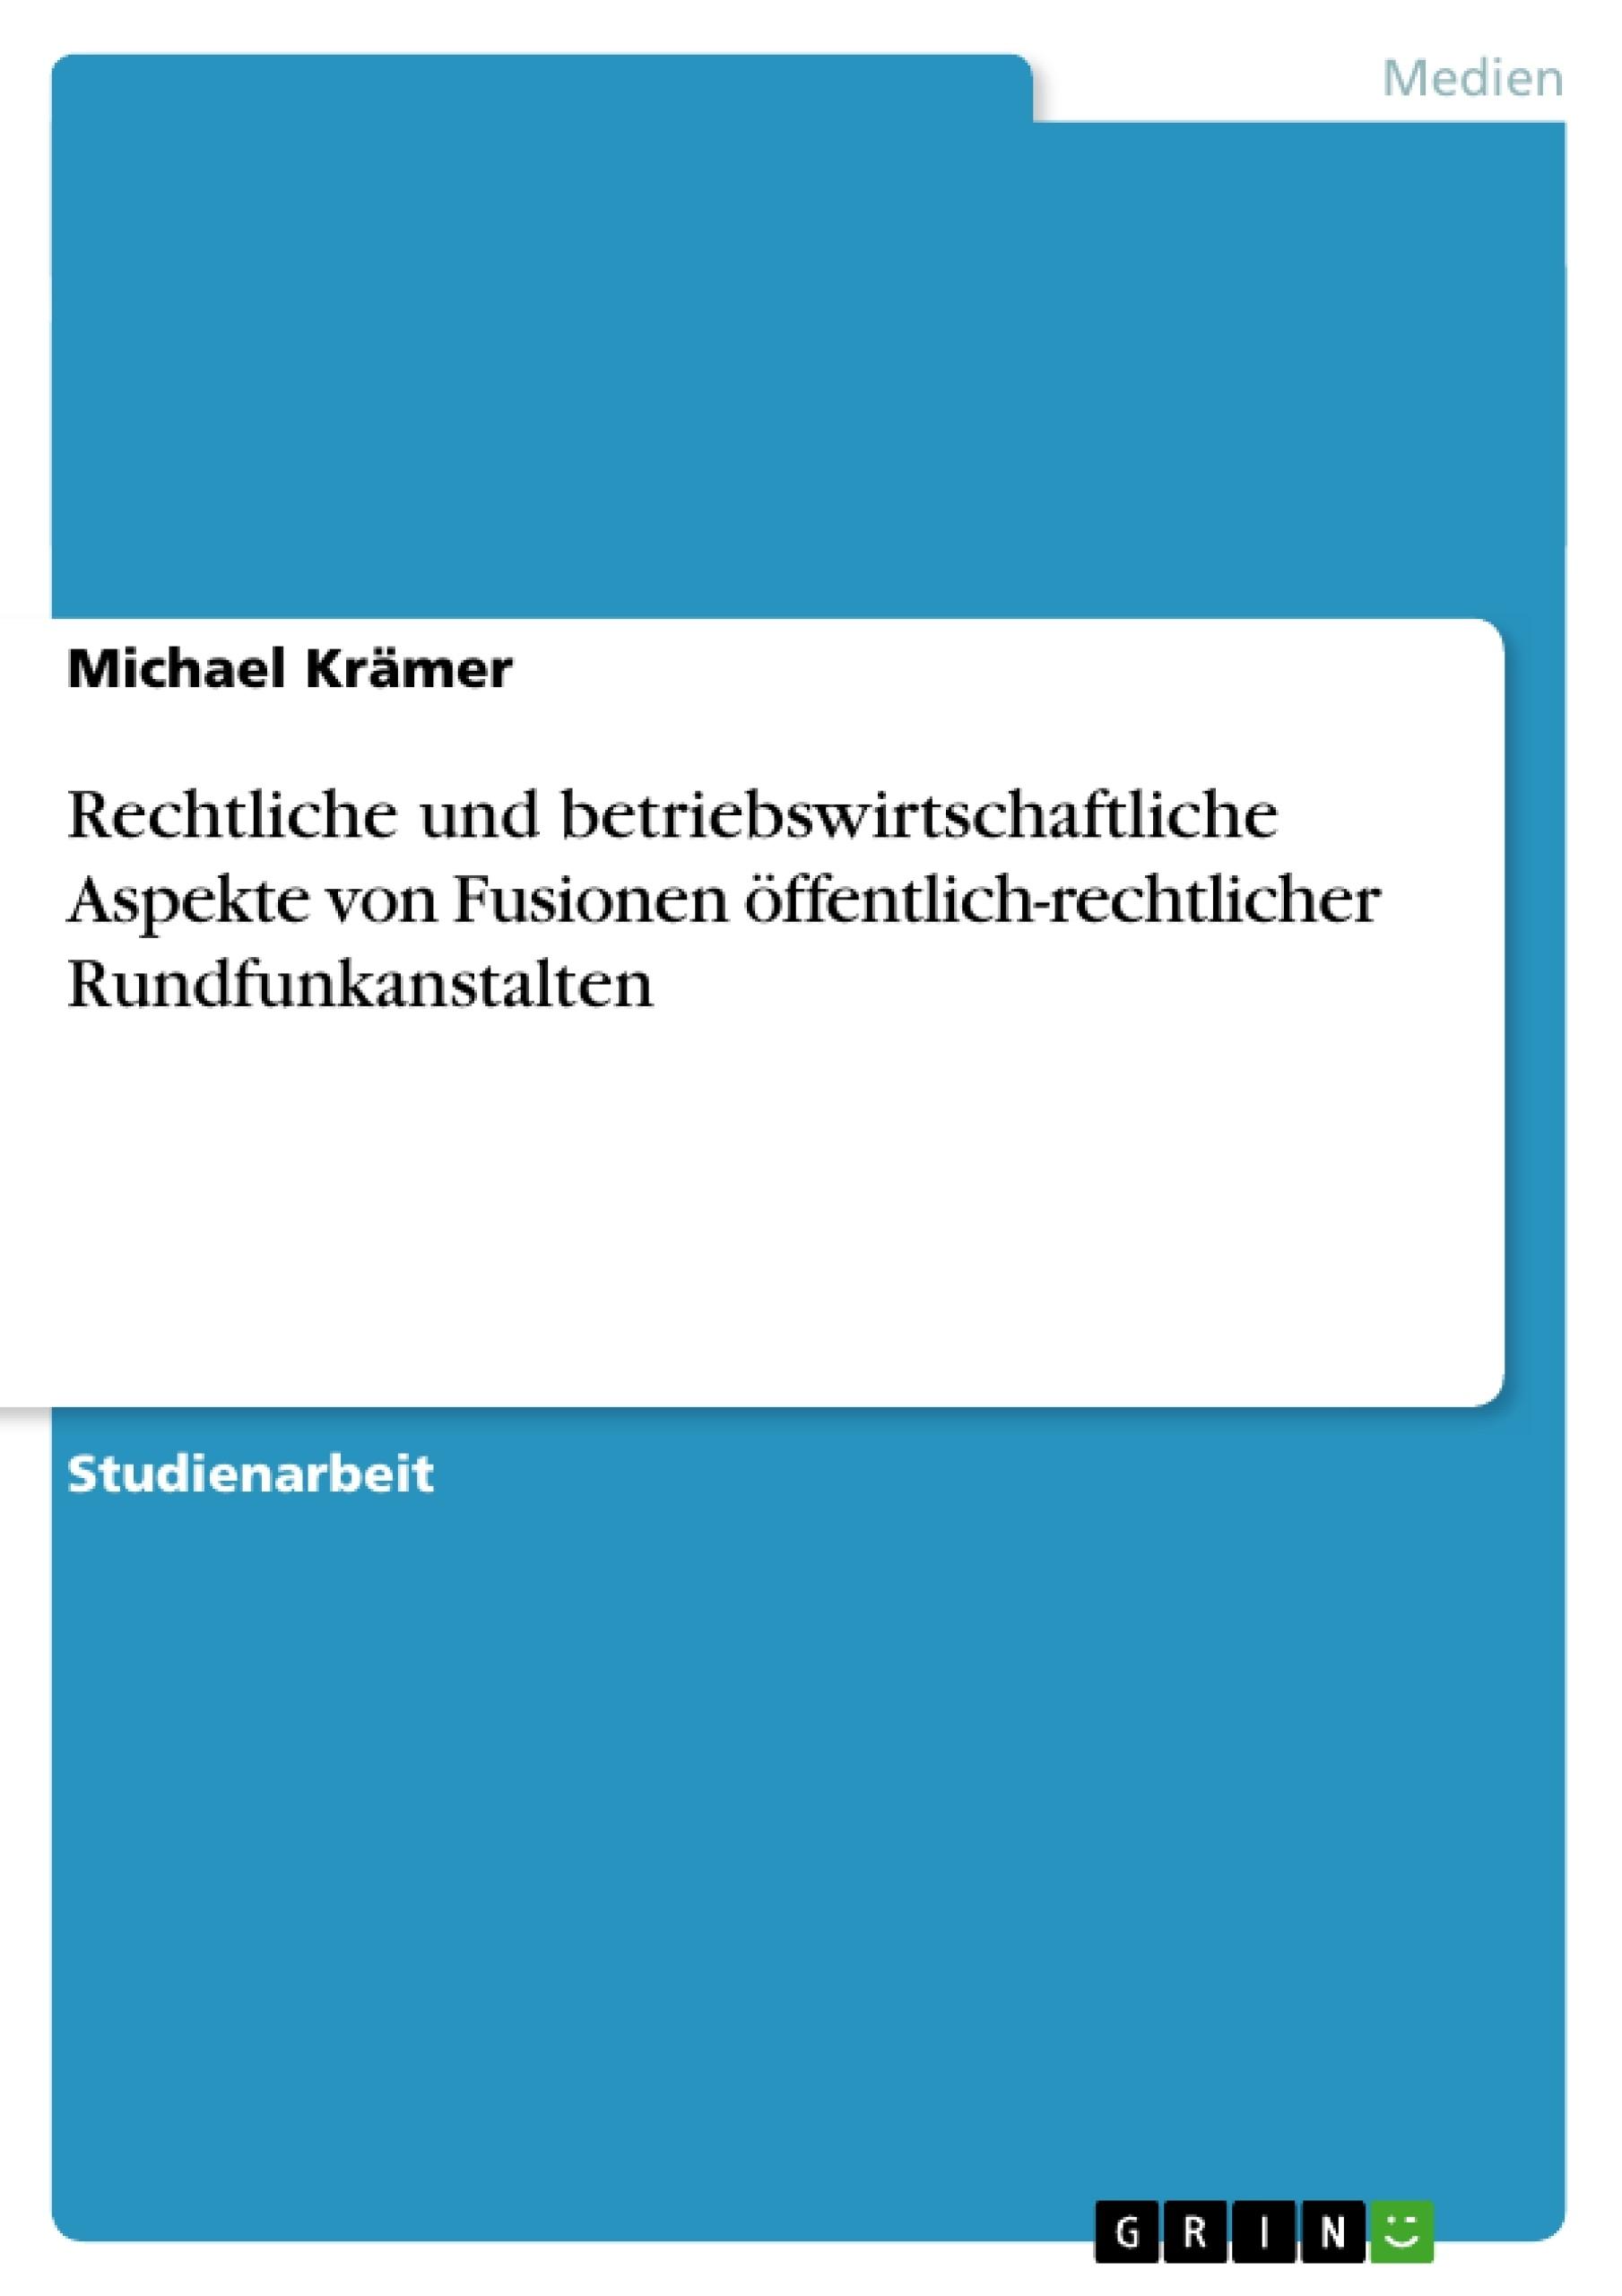 Titel: Rechtliche und betriebswirtschaftliche Aspekte von Fusionen öffentlich-rechtlicher Rundfunkanstalten